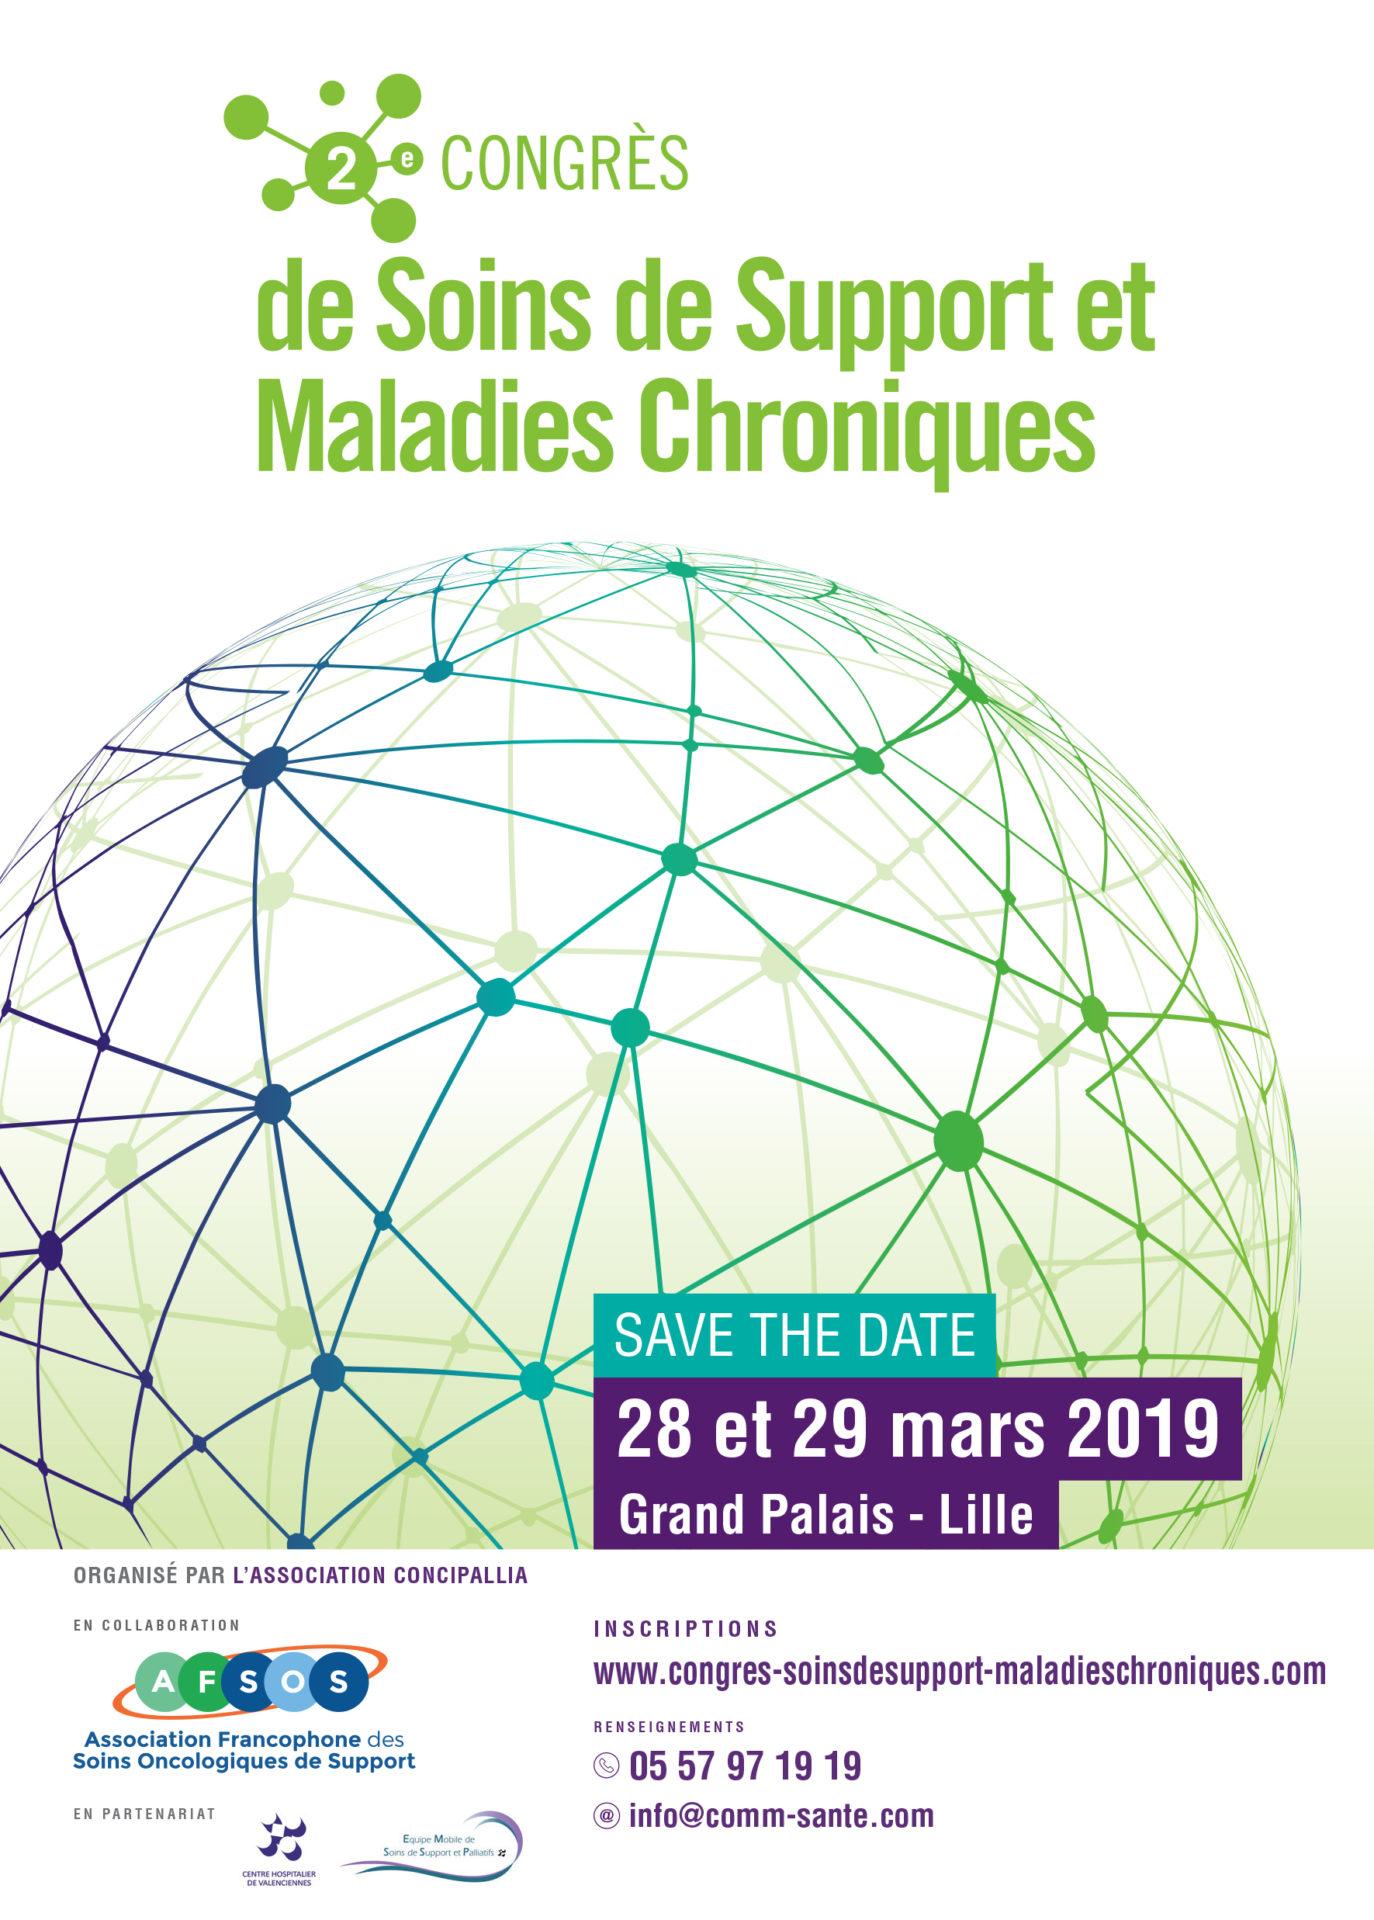 2e Congrès de Soins de Support et Maladies Chroniques